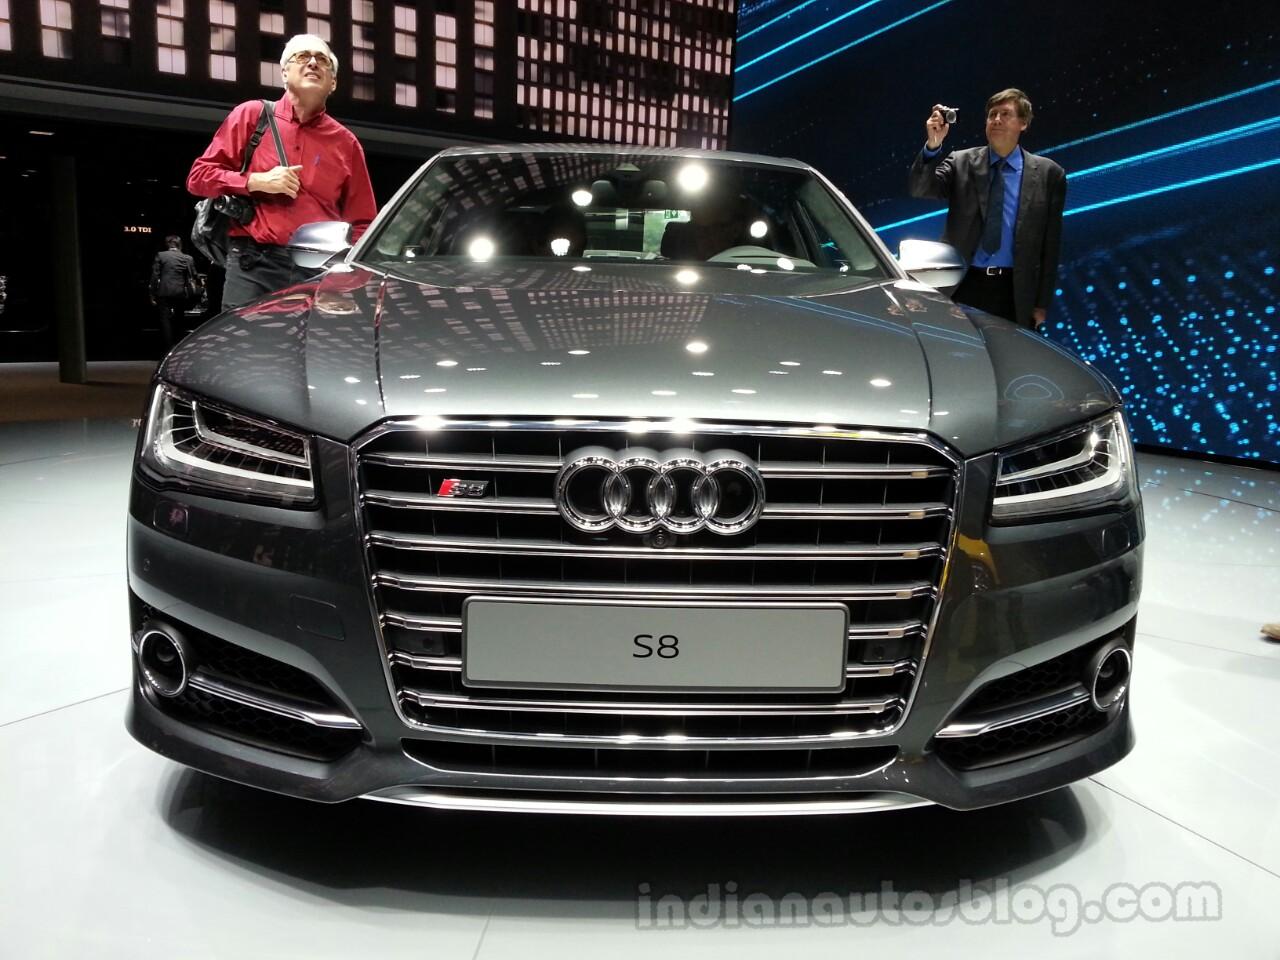 2014 Audi S8 Front